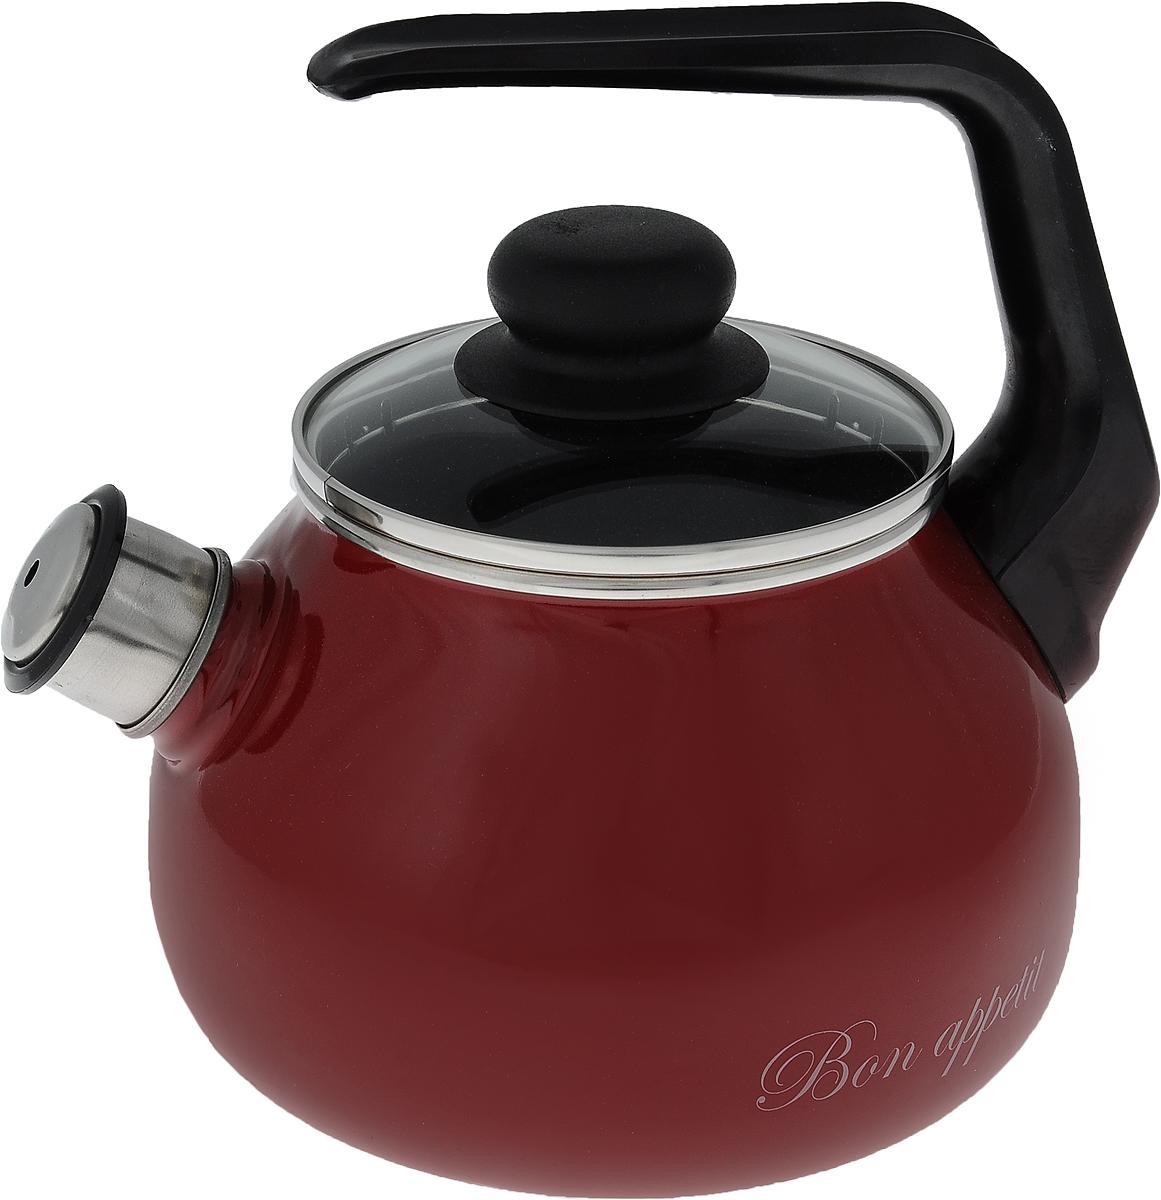 Чайник эмалированный Vitross Bon Appetit, со свистком, цвет: вишневый, 2 л1RA12Чайник Vitross Bon Appetit изготовлен из высококачественной нержавеющей стали с эмалированным покрытием. Нержавеющая сталь обладает высокой устойчивостью к коррозии, не вступает в реакцию с холодными и горячими продуктами и полностью сохраняет их вкусовые качества. Особая конструкция дна способствует высокой теплопроводности и равномерному распределению тепла. Чайник оснащен удобной ручкой. Носик чайника имеет снимающийся свисток, звуковой сигнал которого подскажет, когда закипит вода. Подходит для всех типов плит, включая индукционные. Можно мыть в посудомоечной машине.Диаметр чайника (по верхнему краю): 12,5 см.Высота чайника (без учета ручки и крышки): 12,5 см.Высота чайника (с учетом ручки): 21 см.